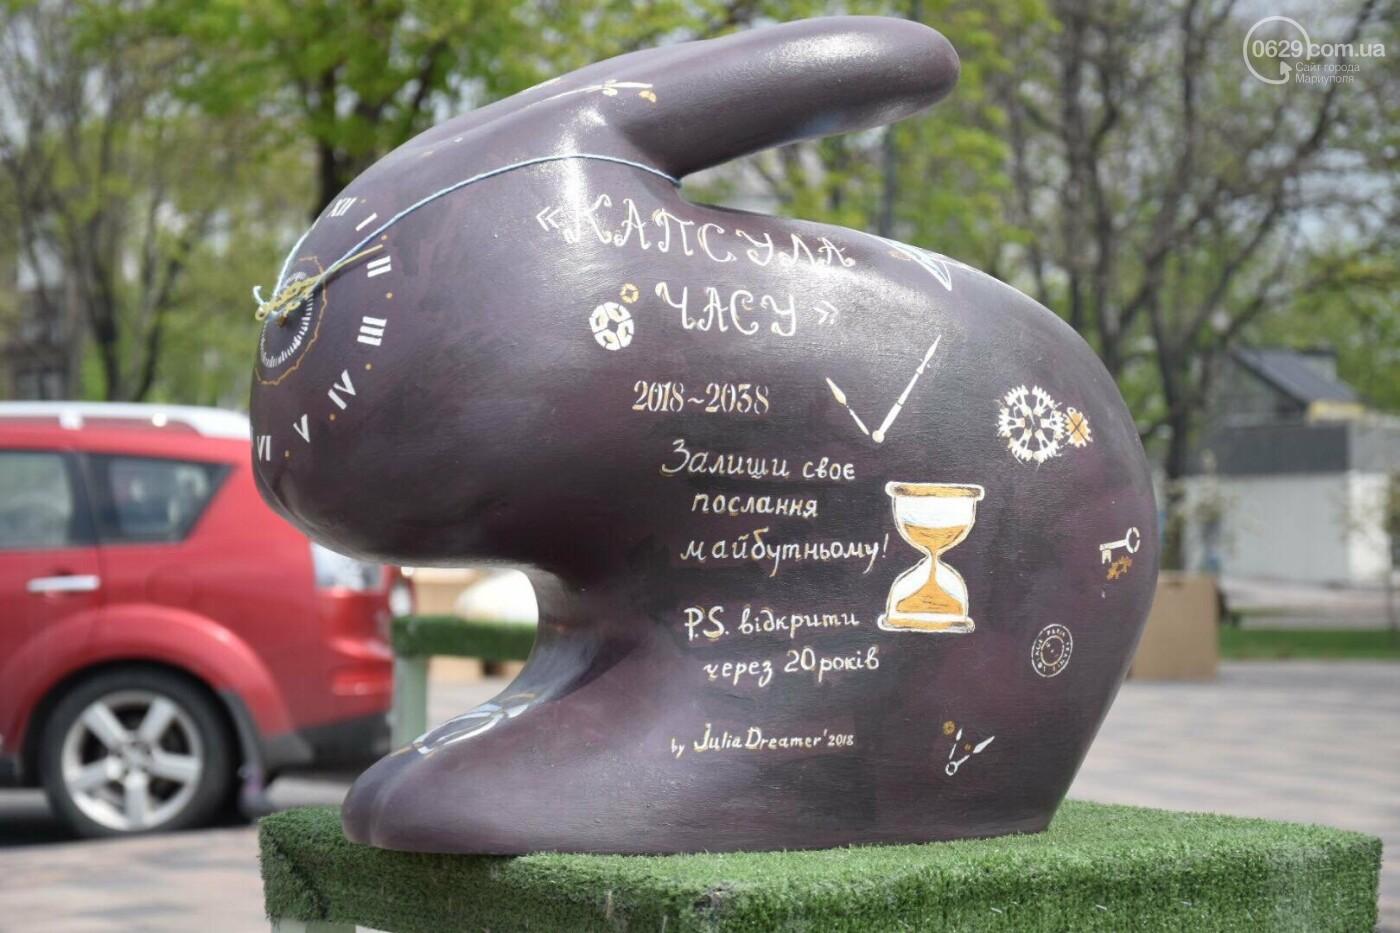 В Мариуполе на Театральной площади появились огромные кролики и полутораметровые писанки, - ФОТОРЕПОРТАЖ, фото-3